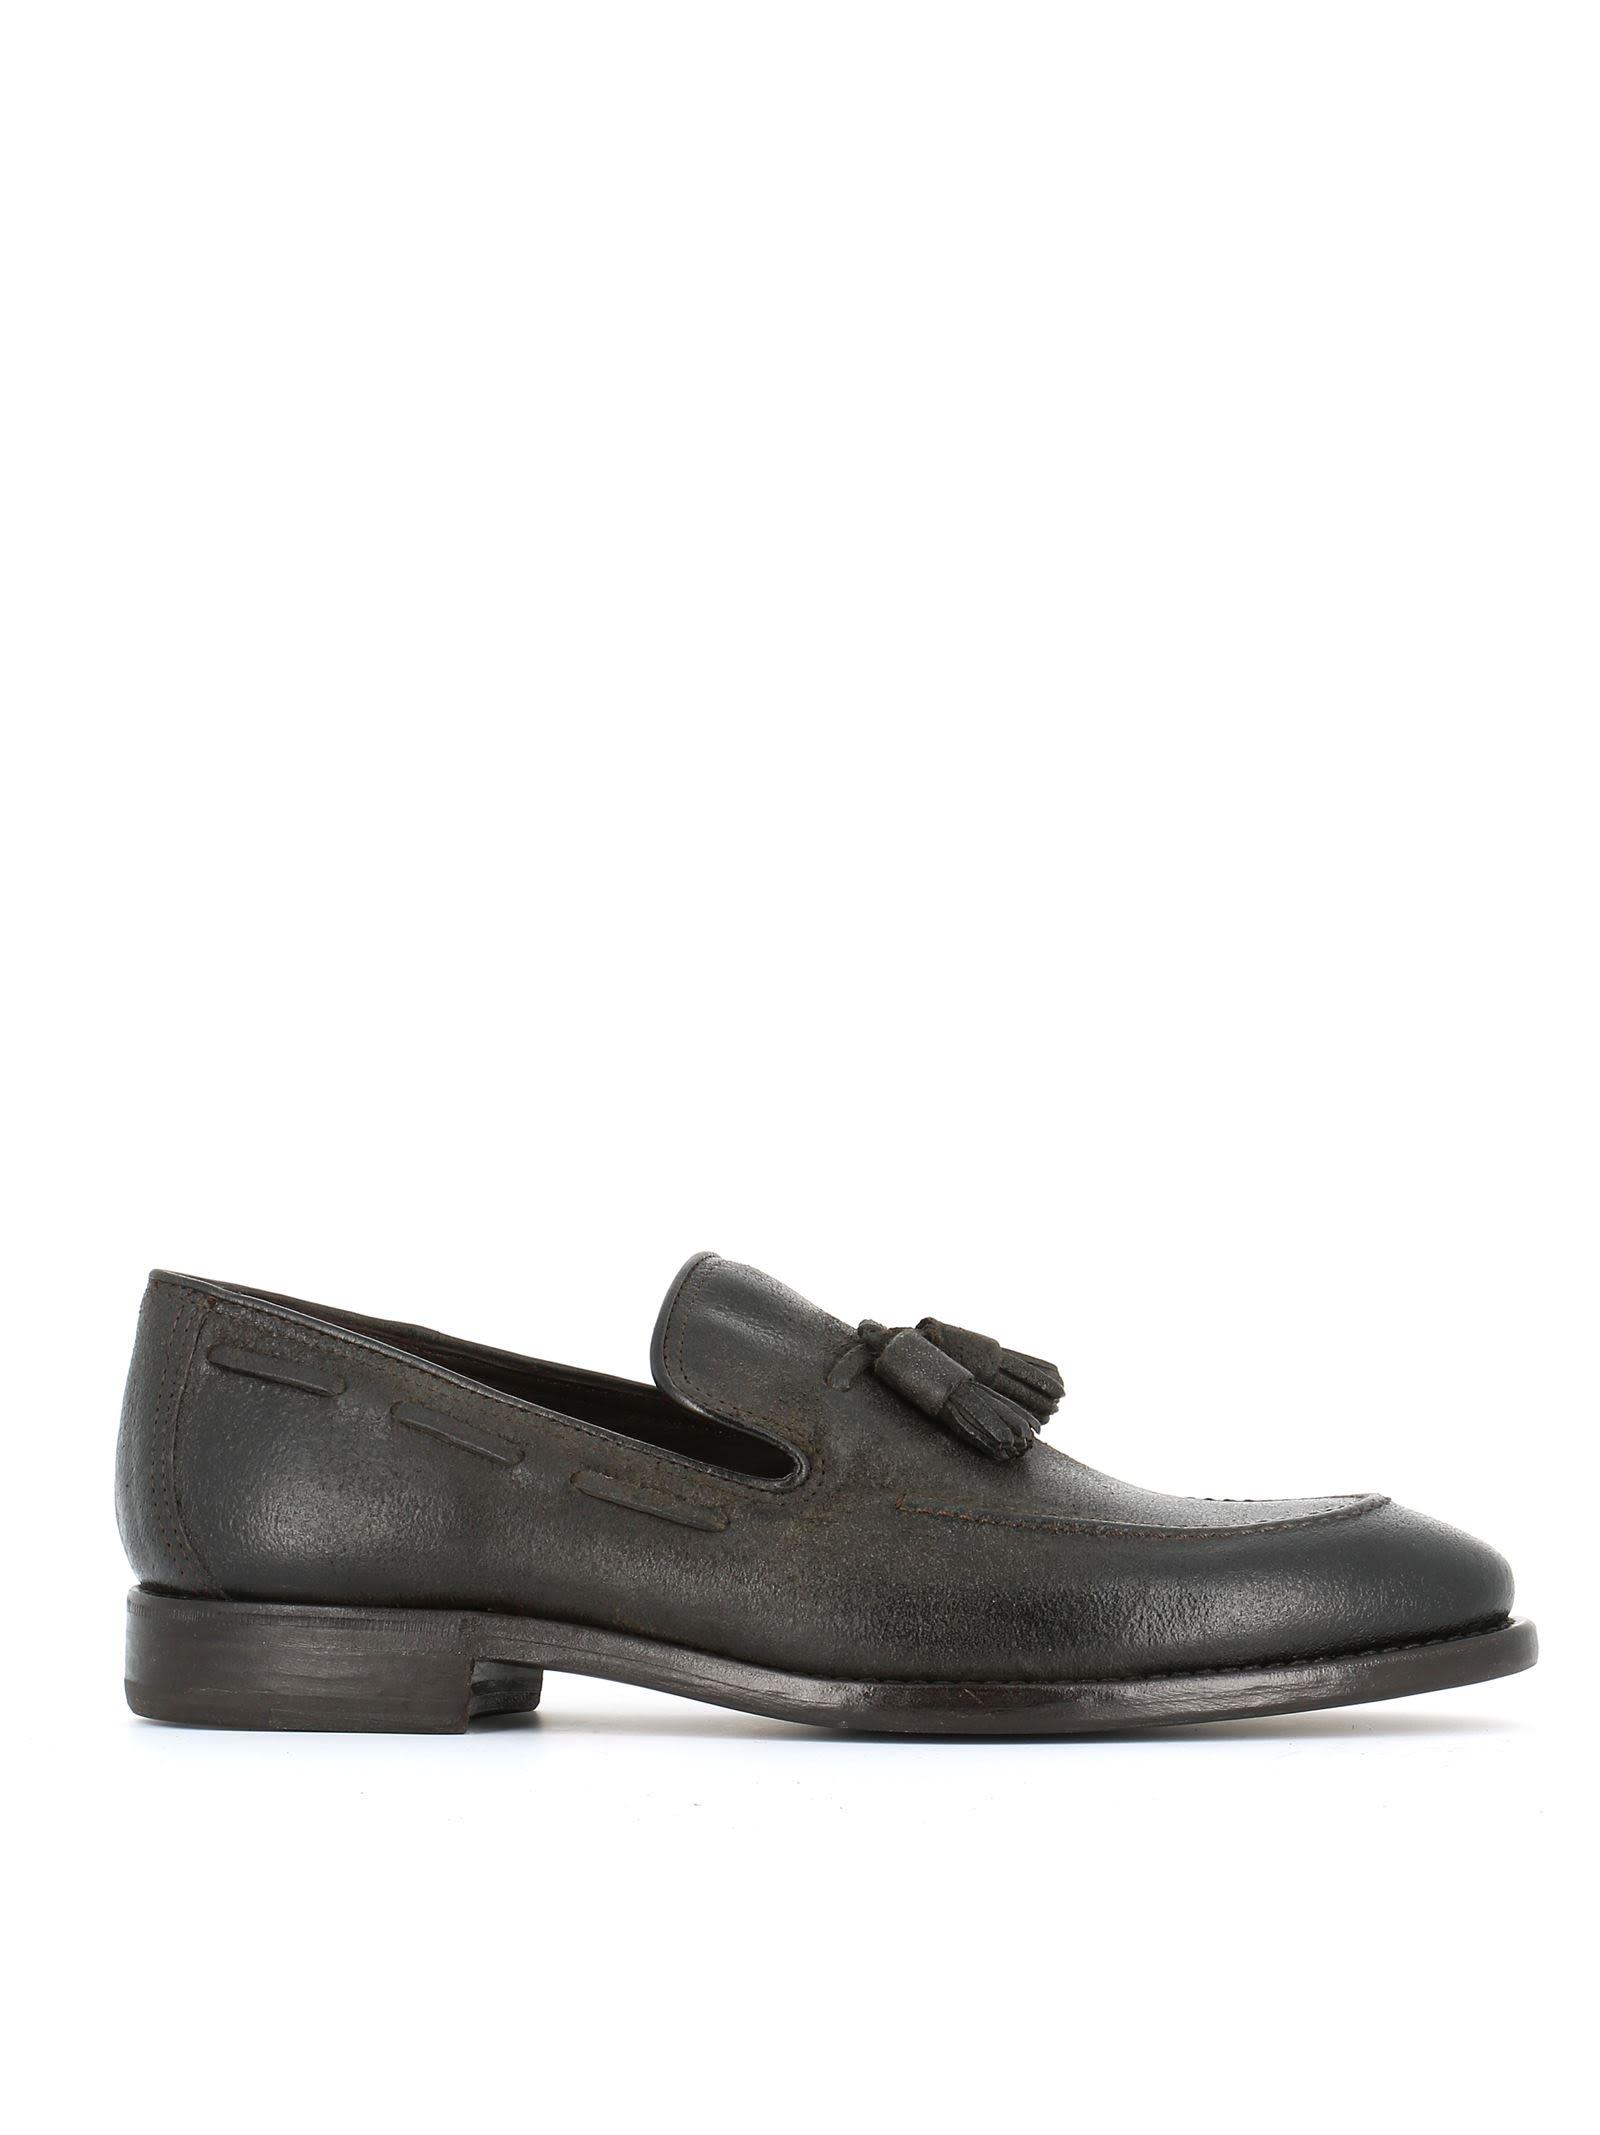 Henderson Tassel Detail Loafer 51405